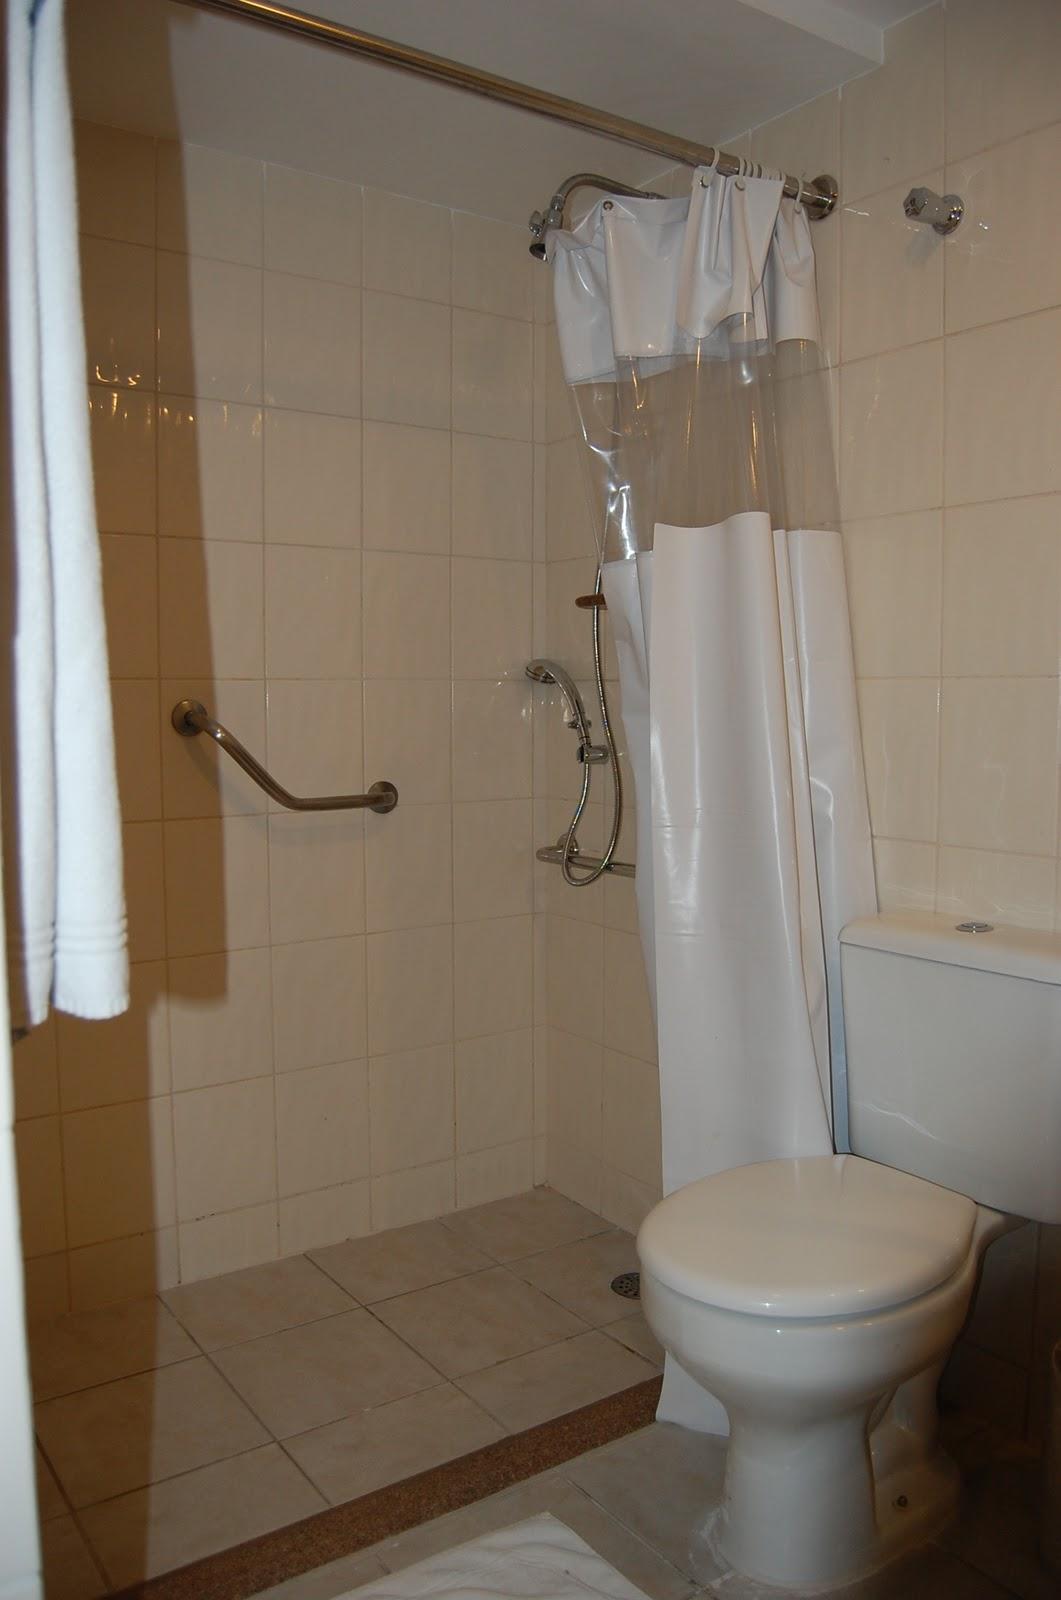 VIAJANTE ESPECIAL: Hotel Ponta Verde Maceió AL #3C2A1A 1061x1600 Banheiro Adaptado Cadeirante